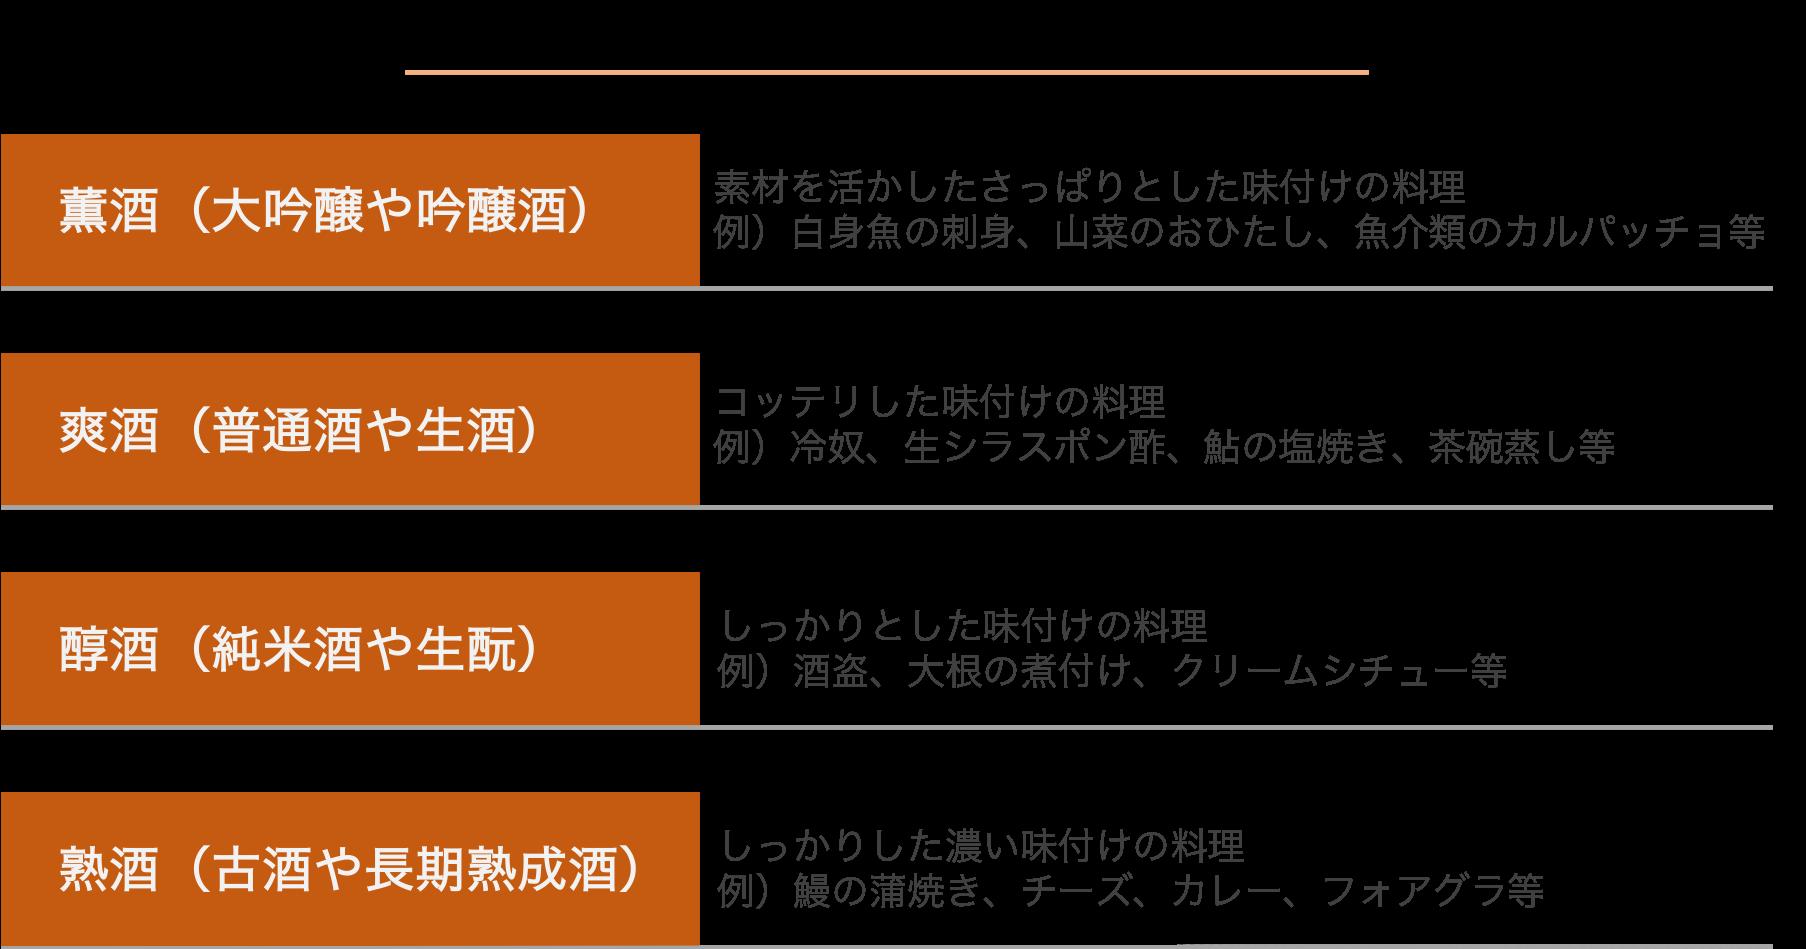 日本酒の分類と相性の良いおつまみ